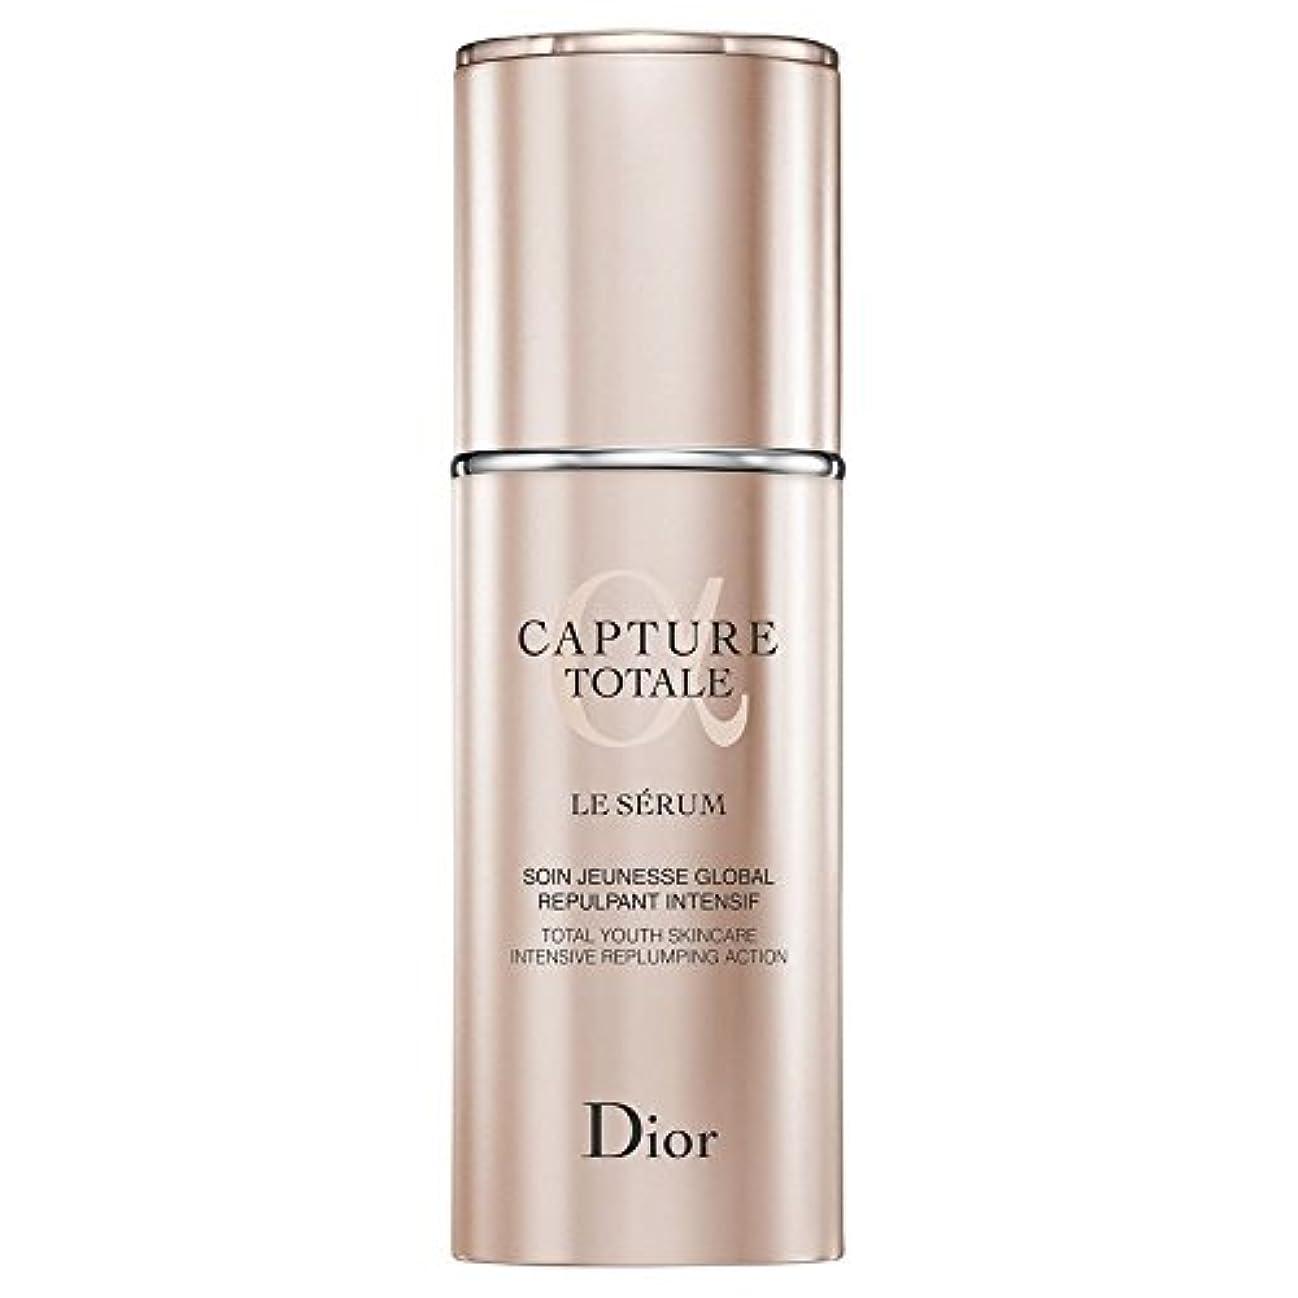 爪ナビゲーションやろう[Dior] ディオールカプチュールR60ル血清30ミリリットル - Dior Capture Totale Le Serum 30ml [並行輸入品]